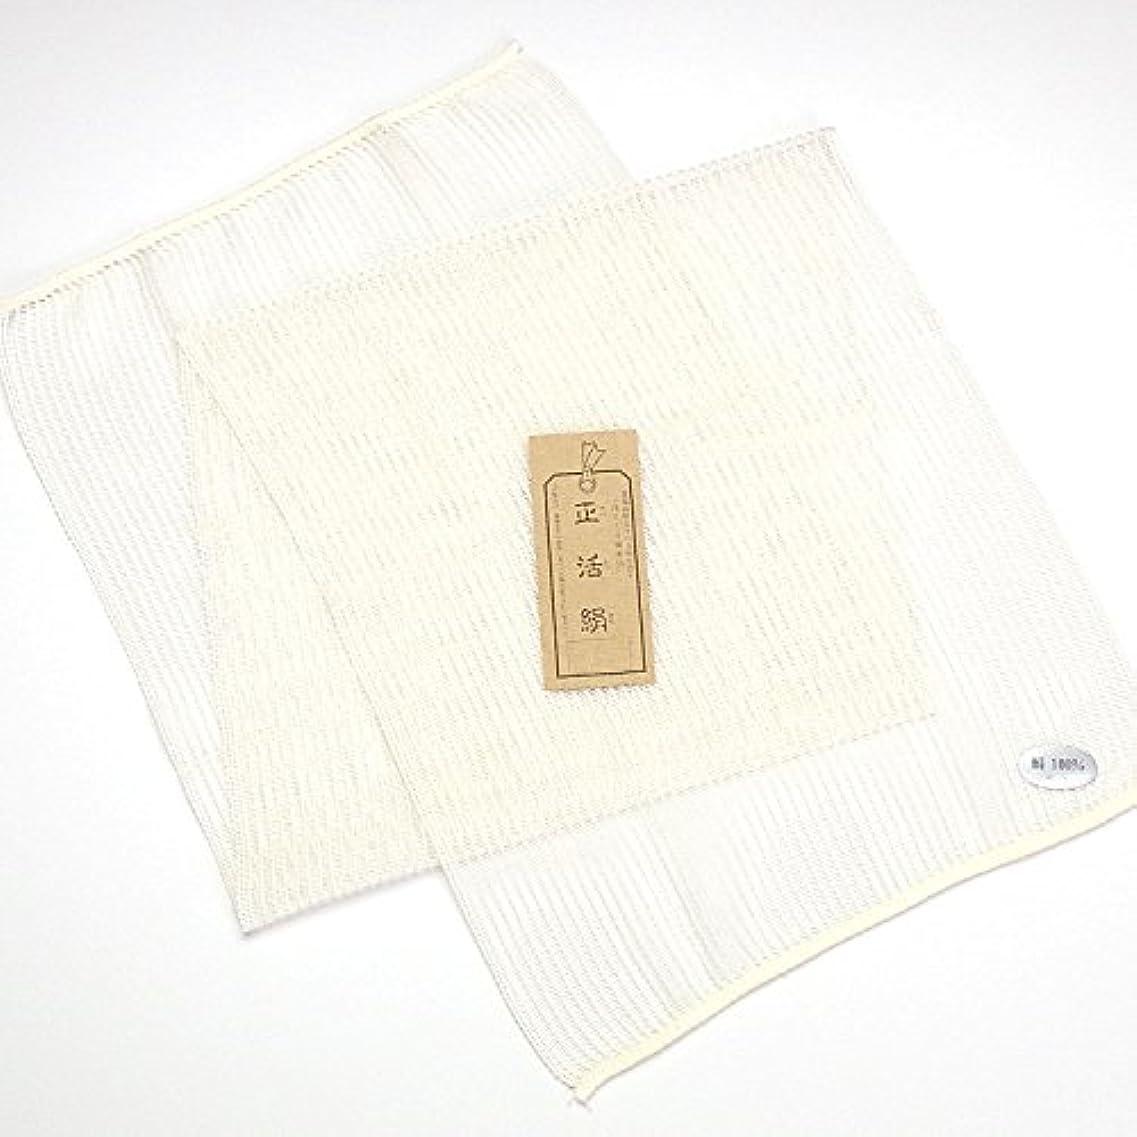 タフインドどこか(正活絹) 絹ボディタオル 絹100% 日本製